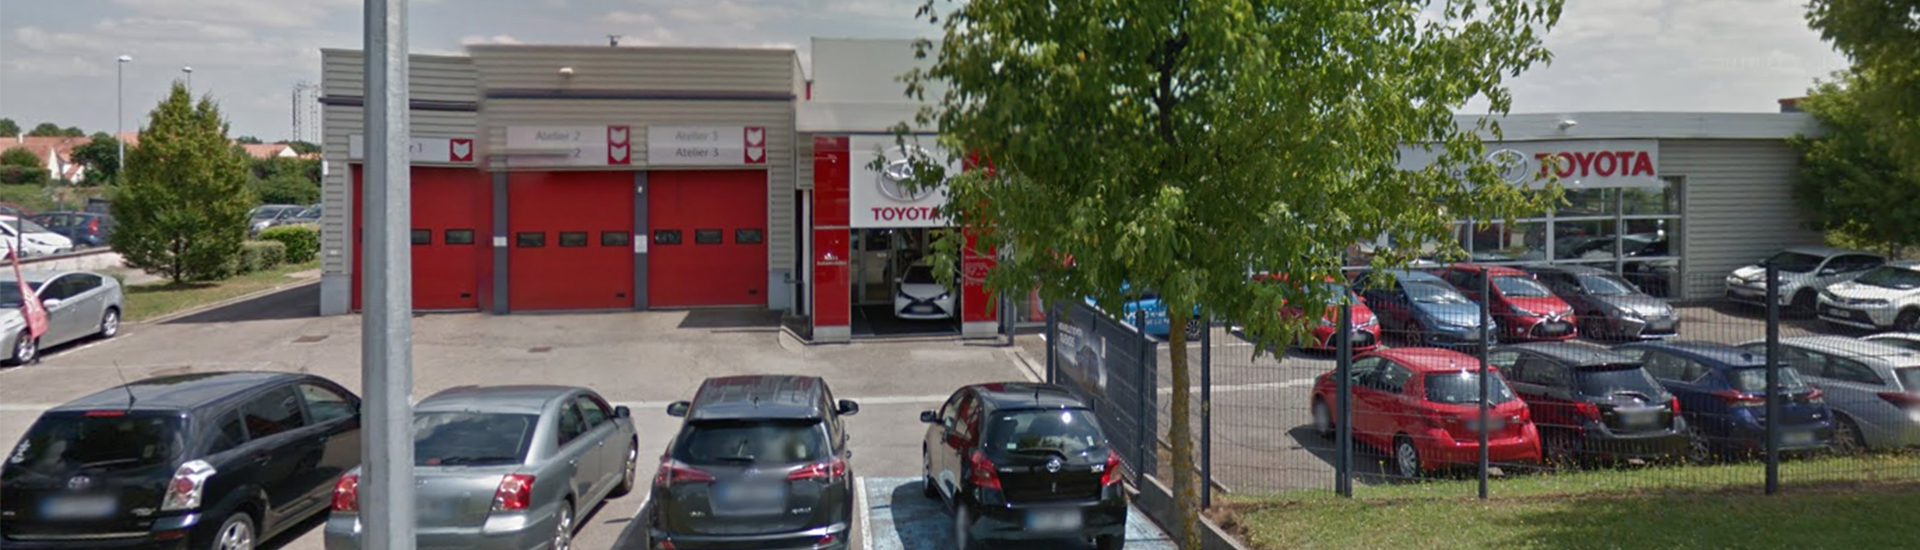 Facade de la concession TOYOTA Toys Motors à Laxou en Meurthe-et-Moselle (54).